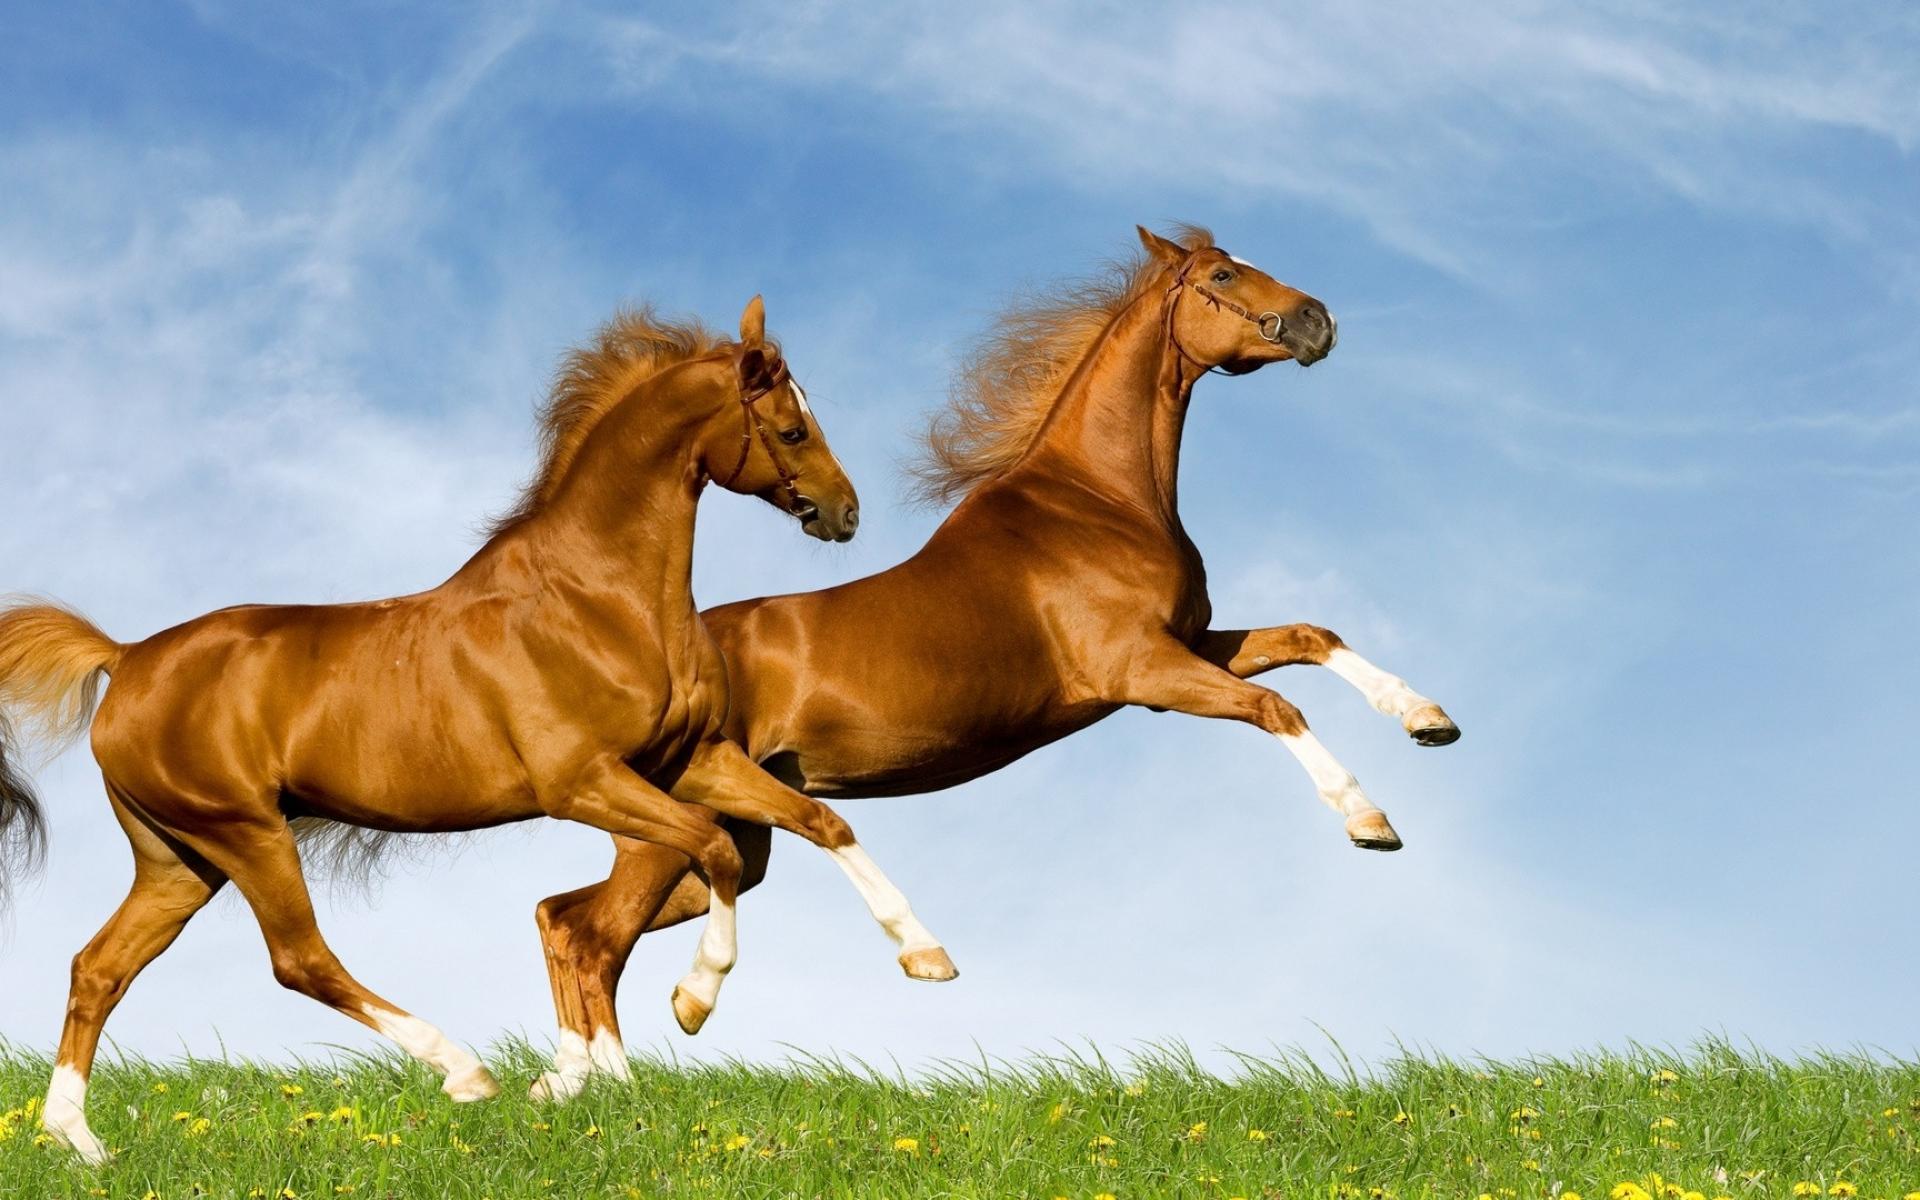 Картинки Лошадь, поле, трава, прыжки фото и обои на рабочий стол